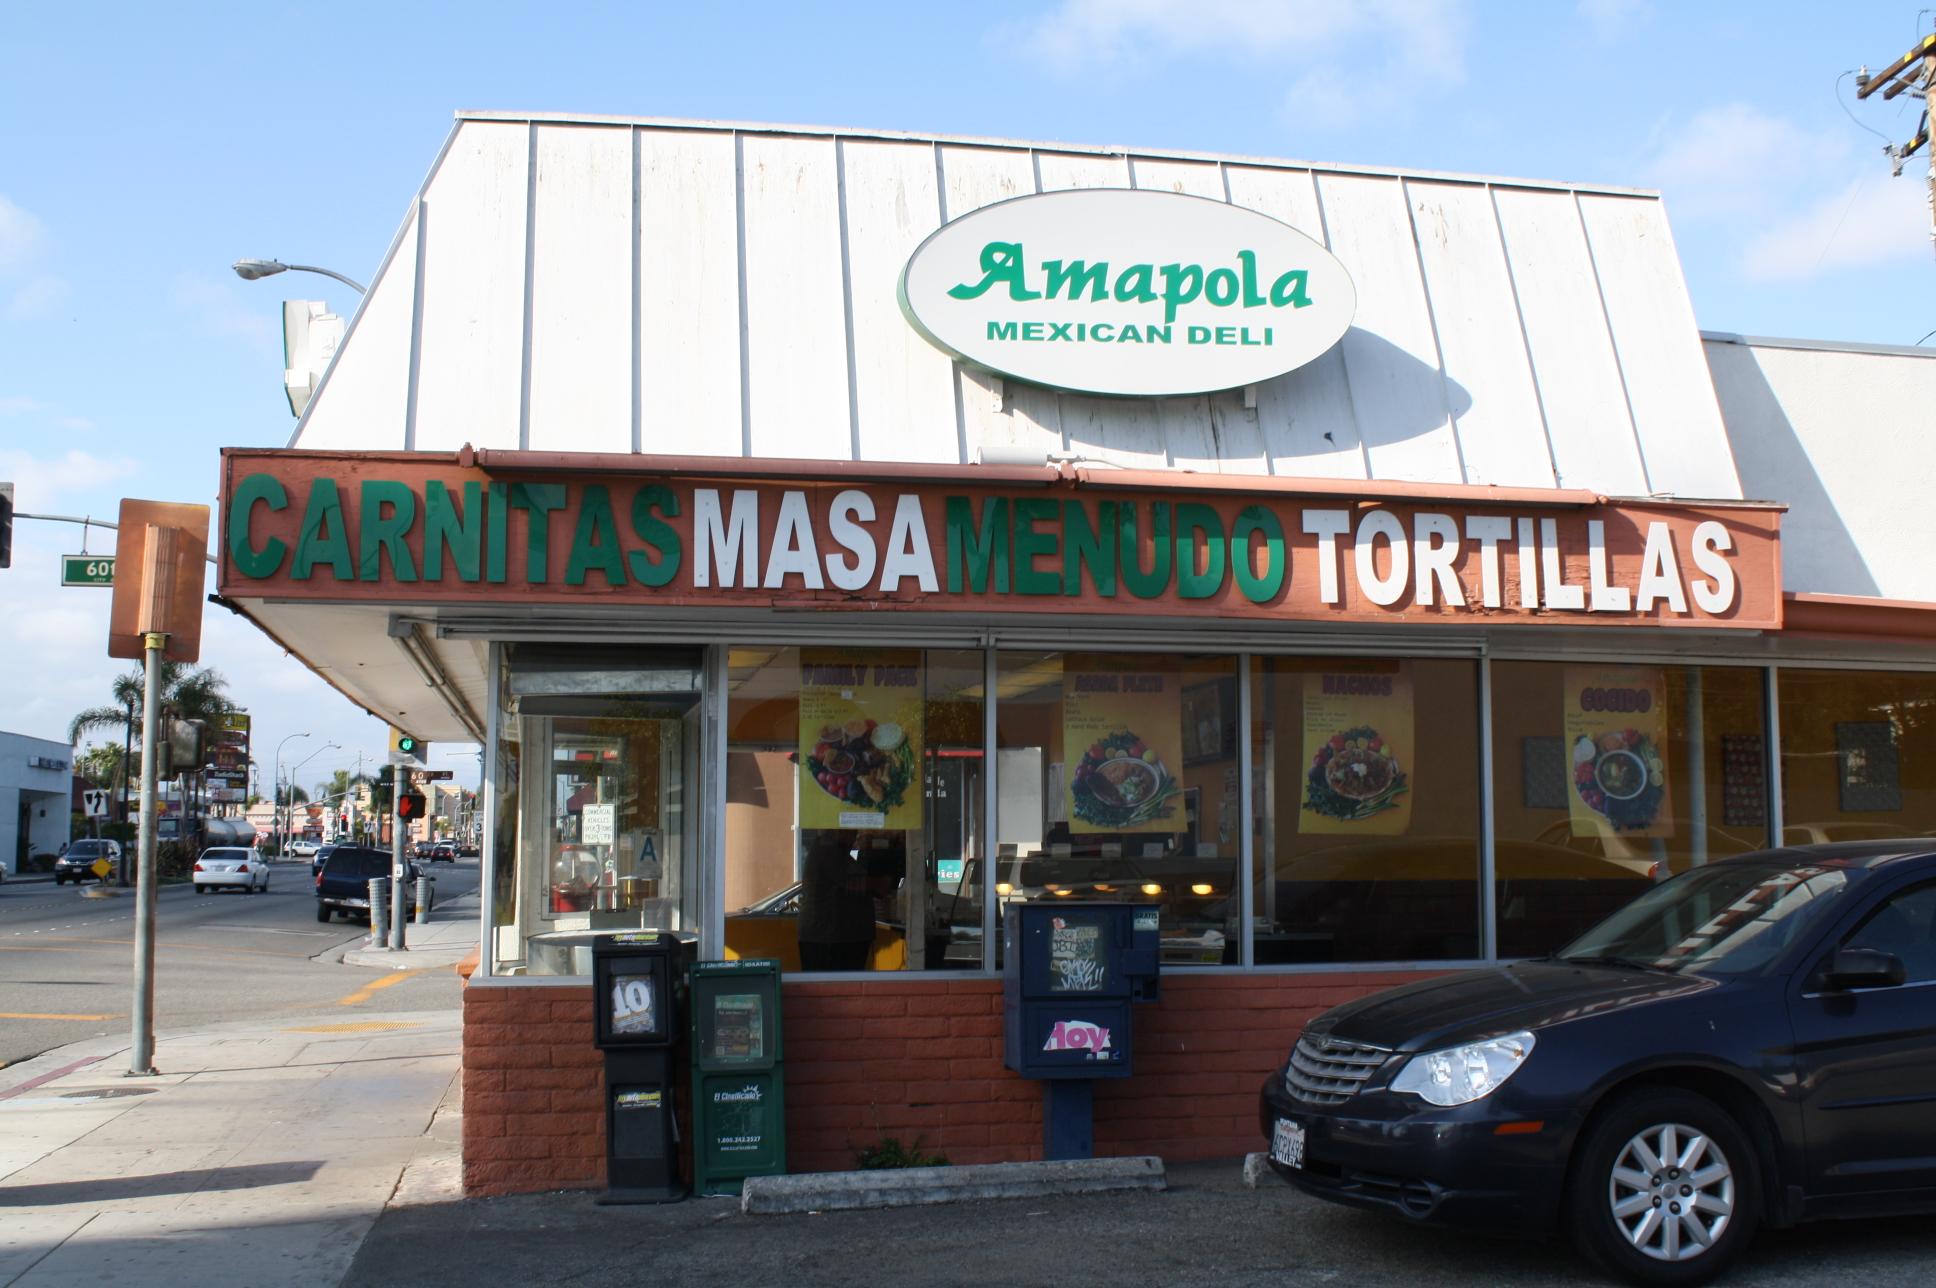 En transporte público es muy fácil de llegar al restaurante que está ubicado en la esquina de la calle 60 y el bulevar Atlantic en la ciudad de Maywood. (Foto de Agustín Durán/El Pasajero).